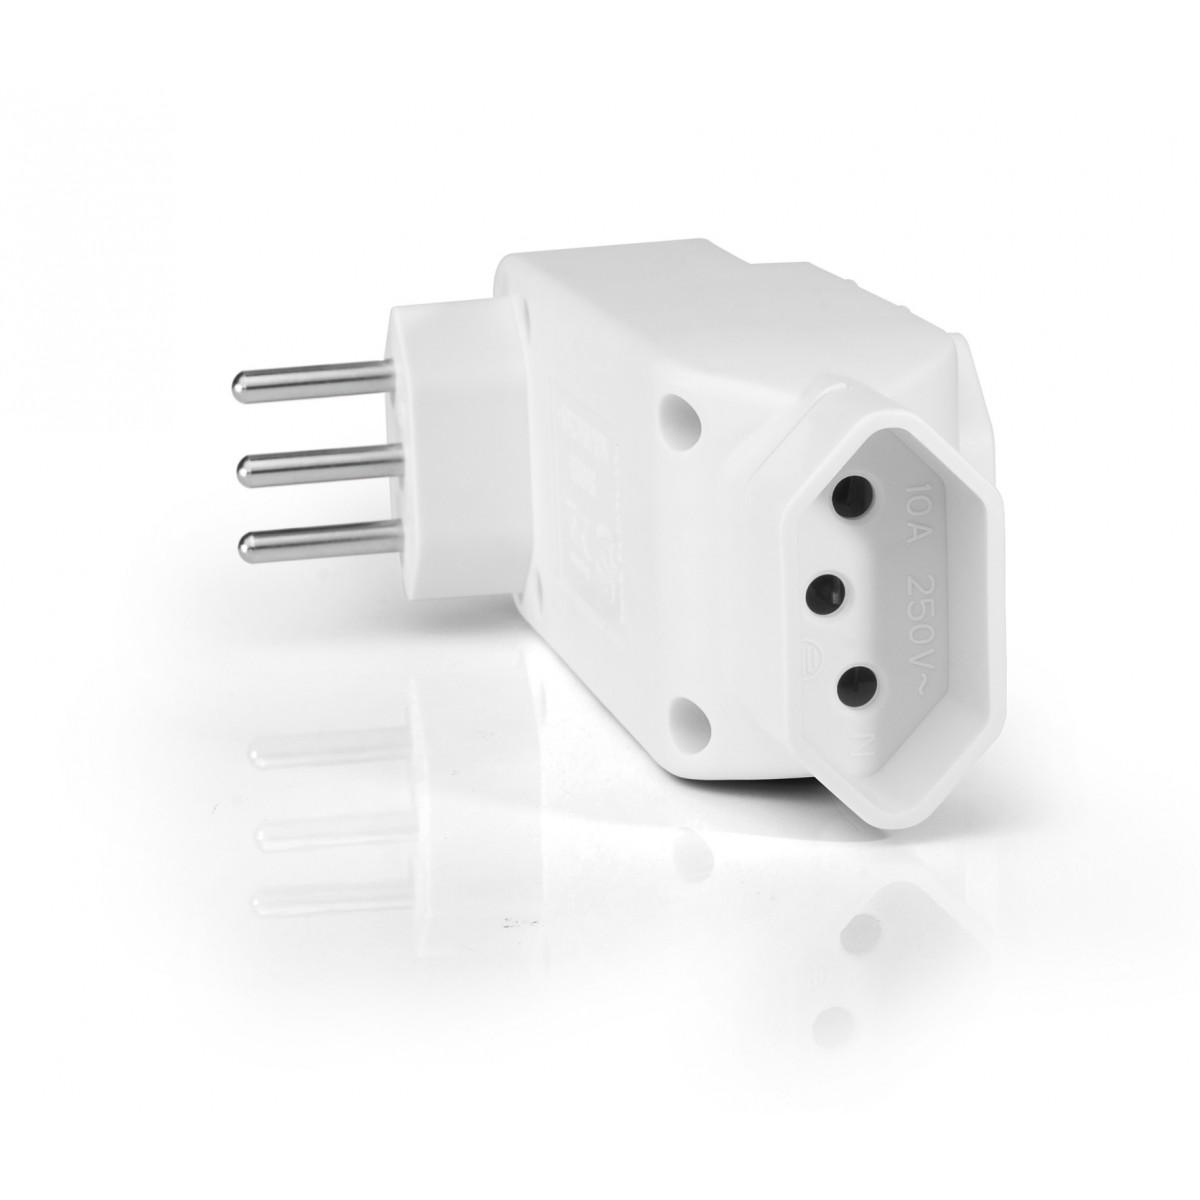 Adaptador 4 Saidas Branco WI246 - Multilaser